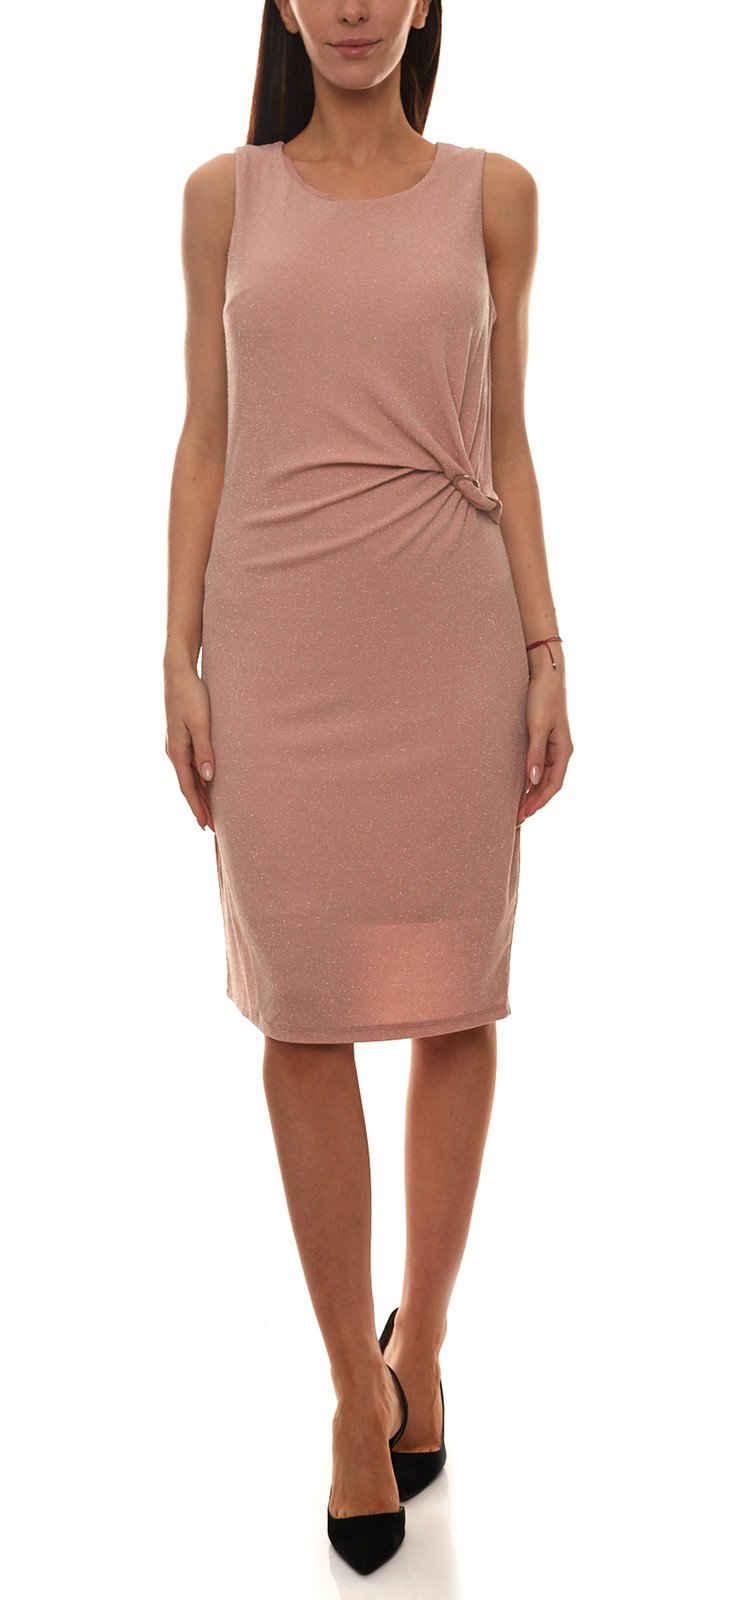 Daniel Hechter Midikleid »DANIEL HECHTER Party-Kleid ärmelloses Damen Glitzer-Kleid mit seitlicher Raffung Cocktail-Kleid Rosa«